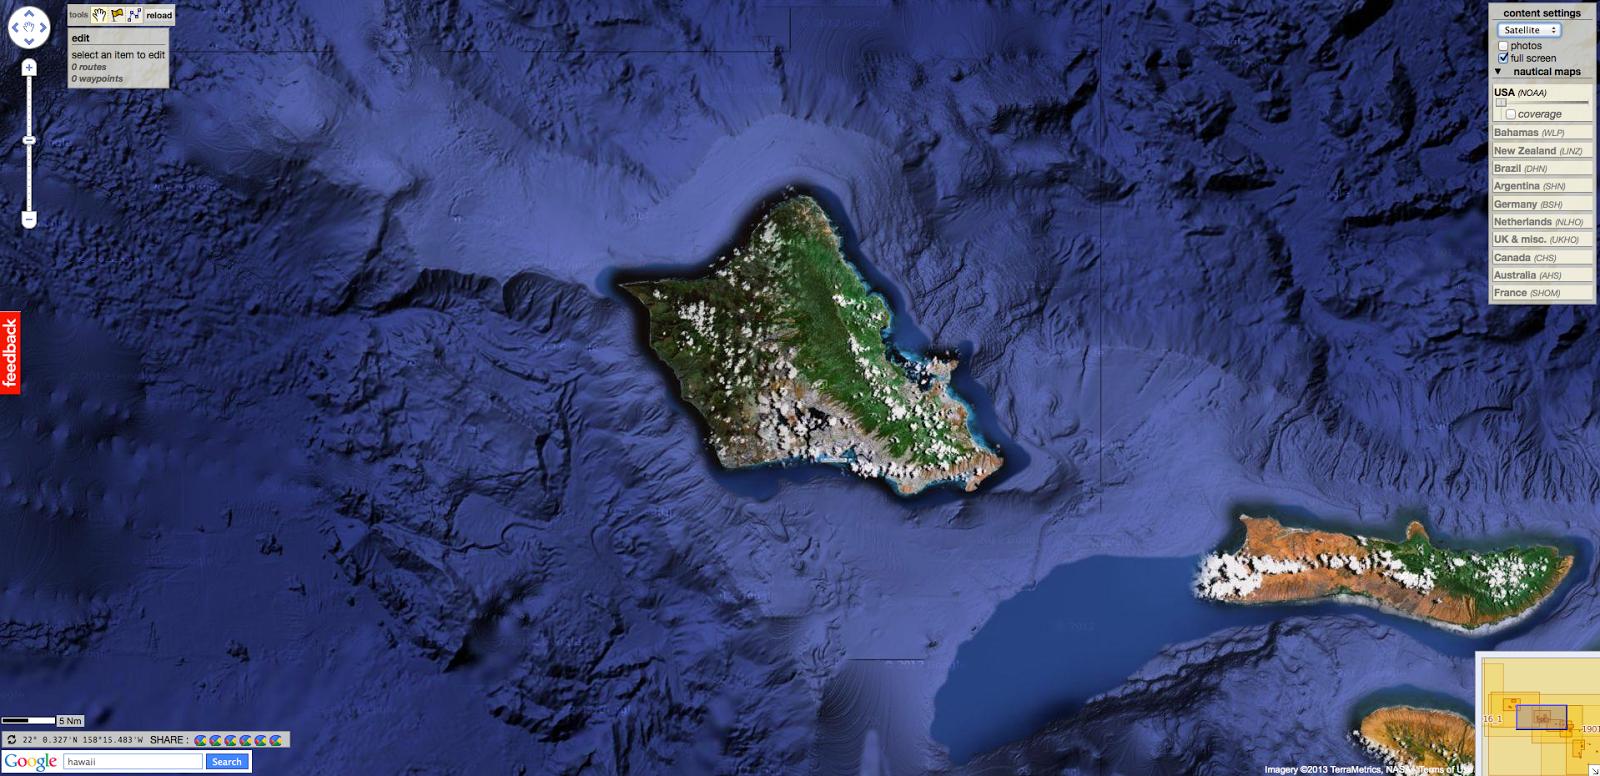 Geogarage Blog Bing Maps Now Shows Ocean Floor Topography